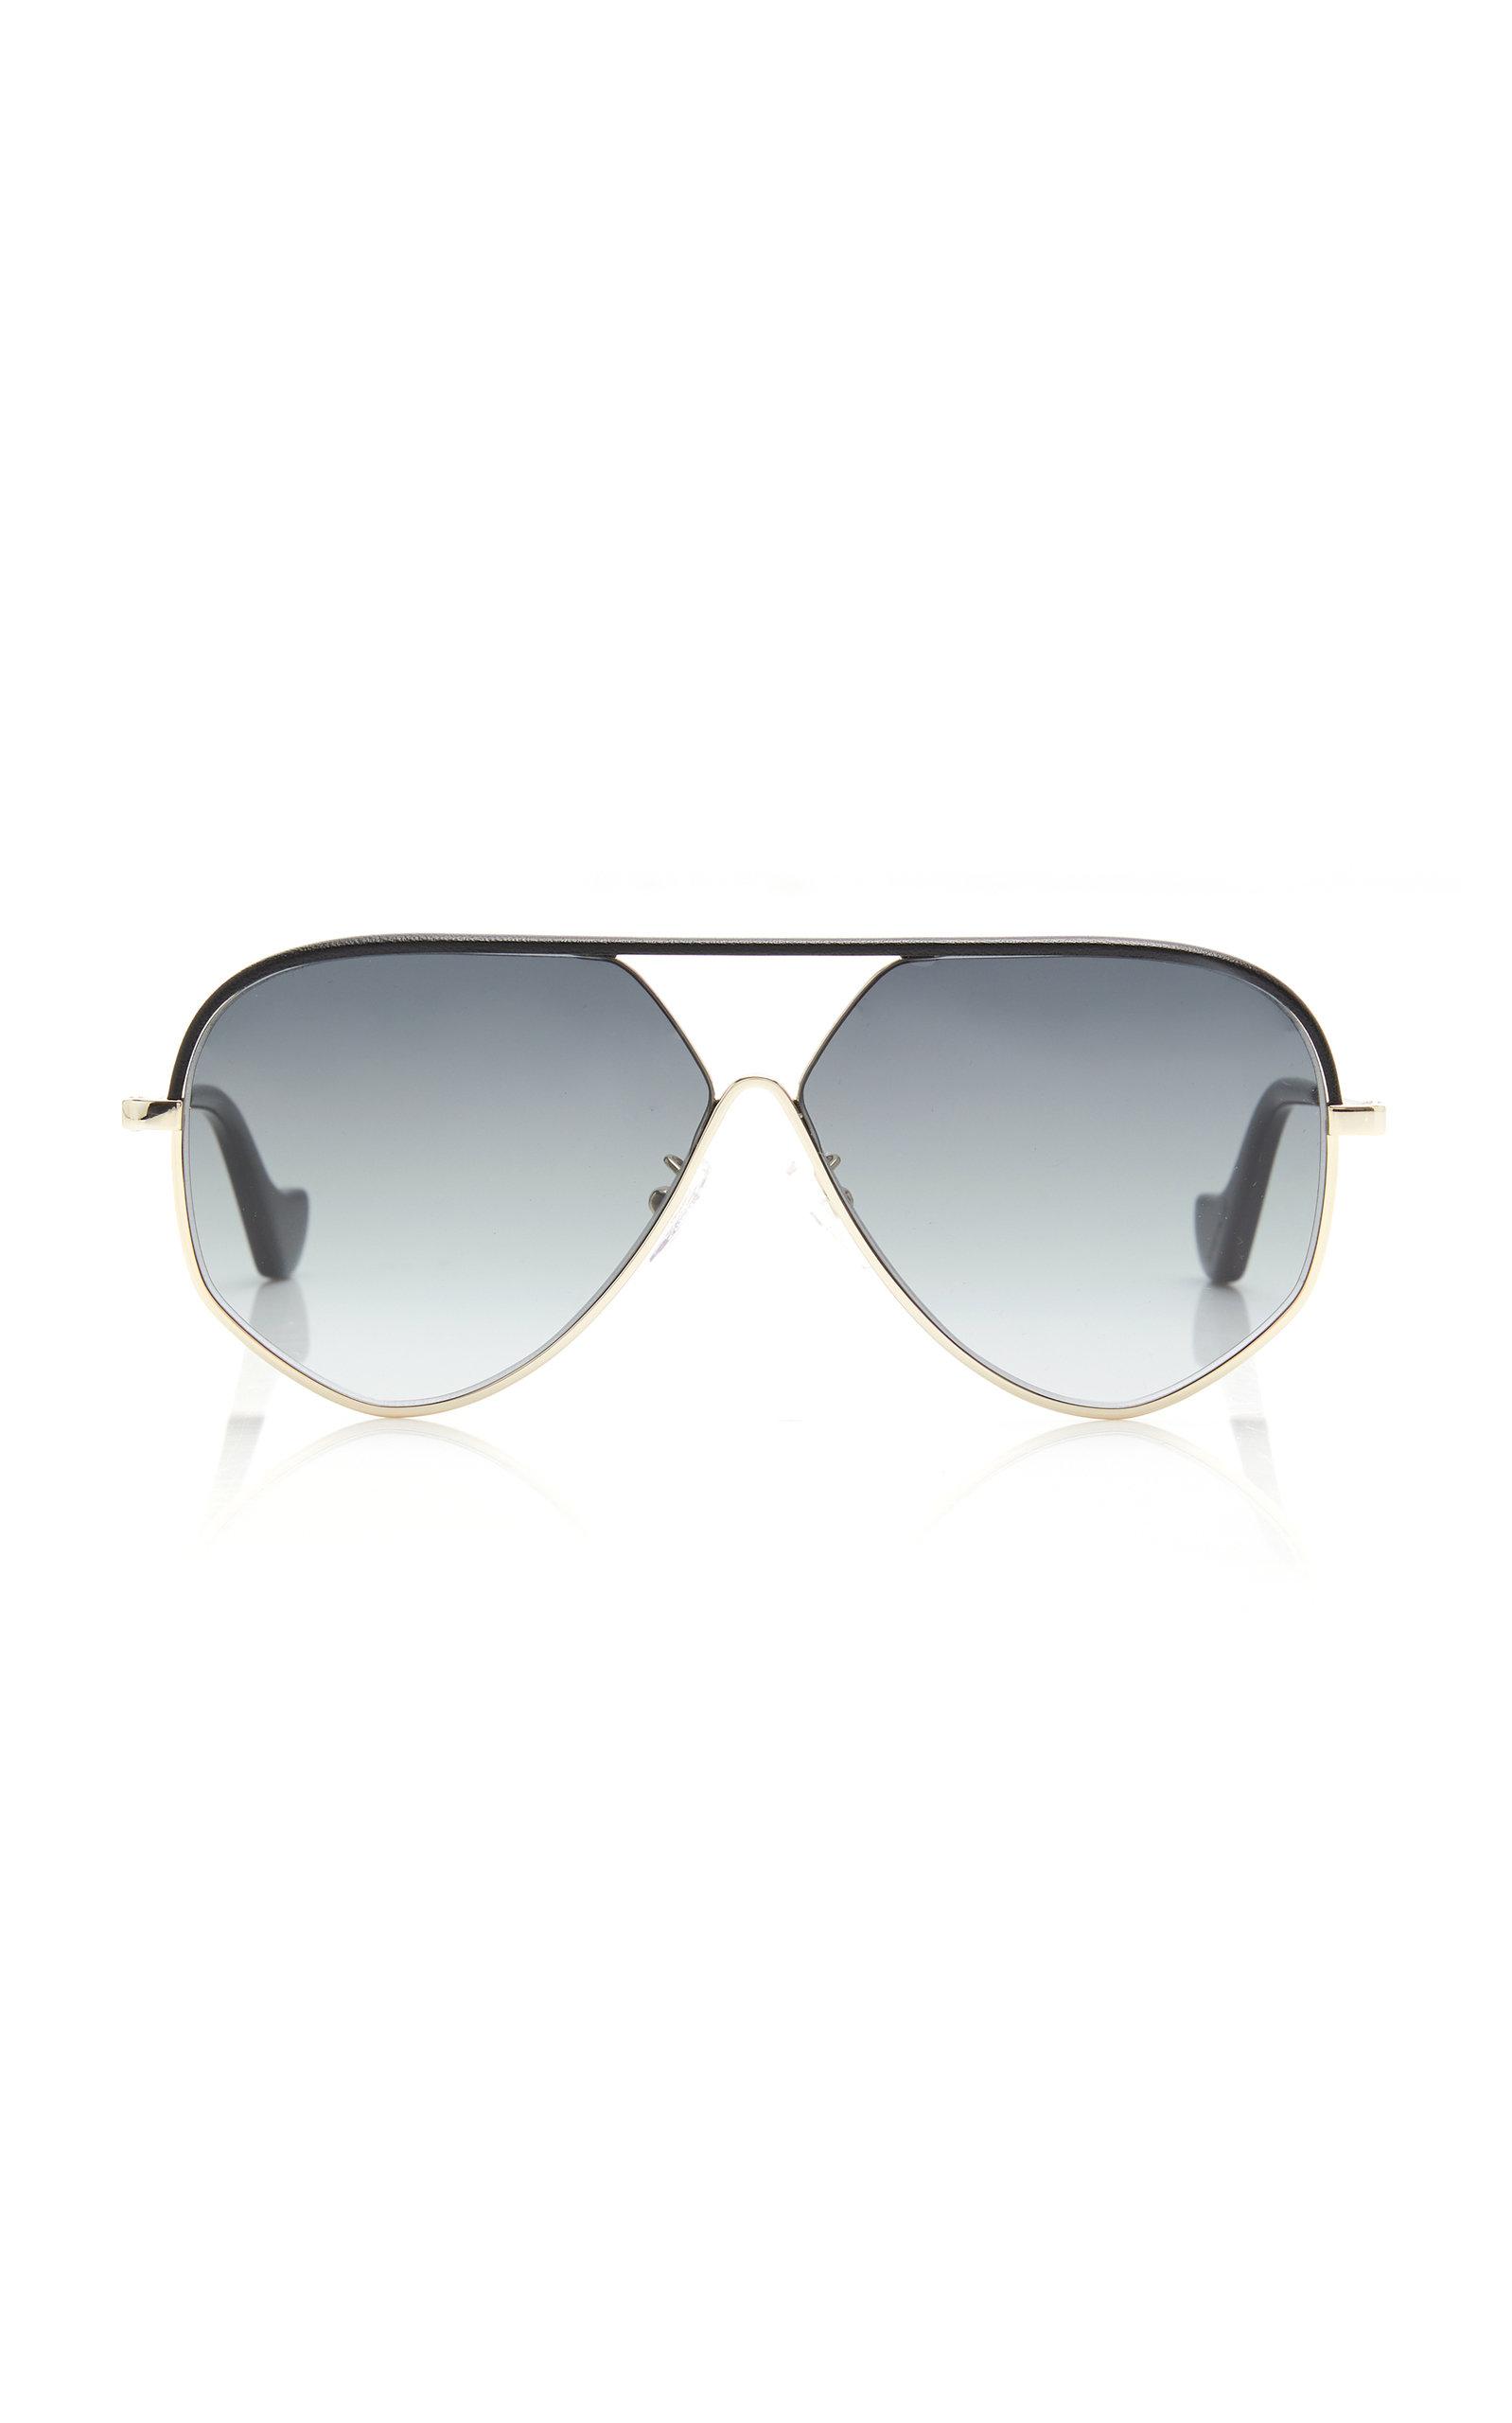 Loewe Sunglasses Aviator-Style Black Leather Sunglasses